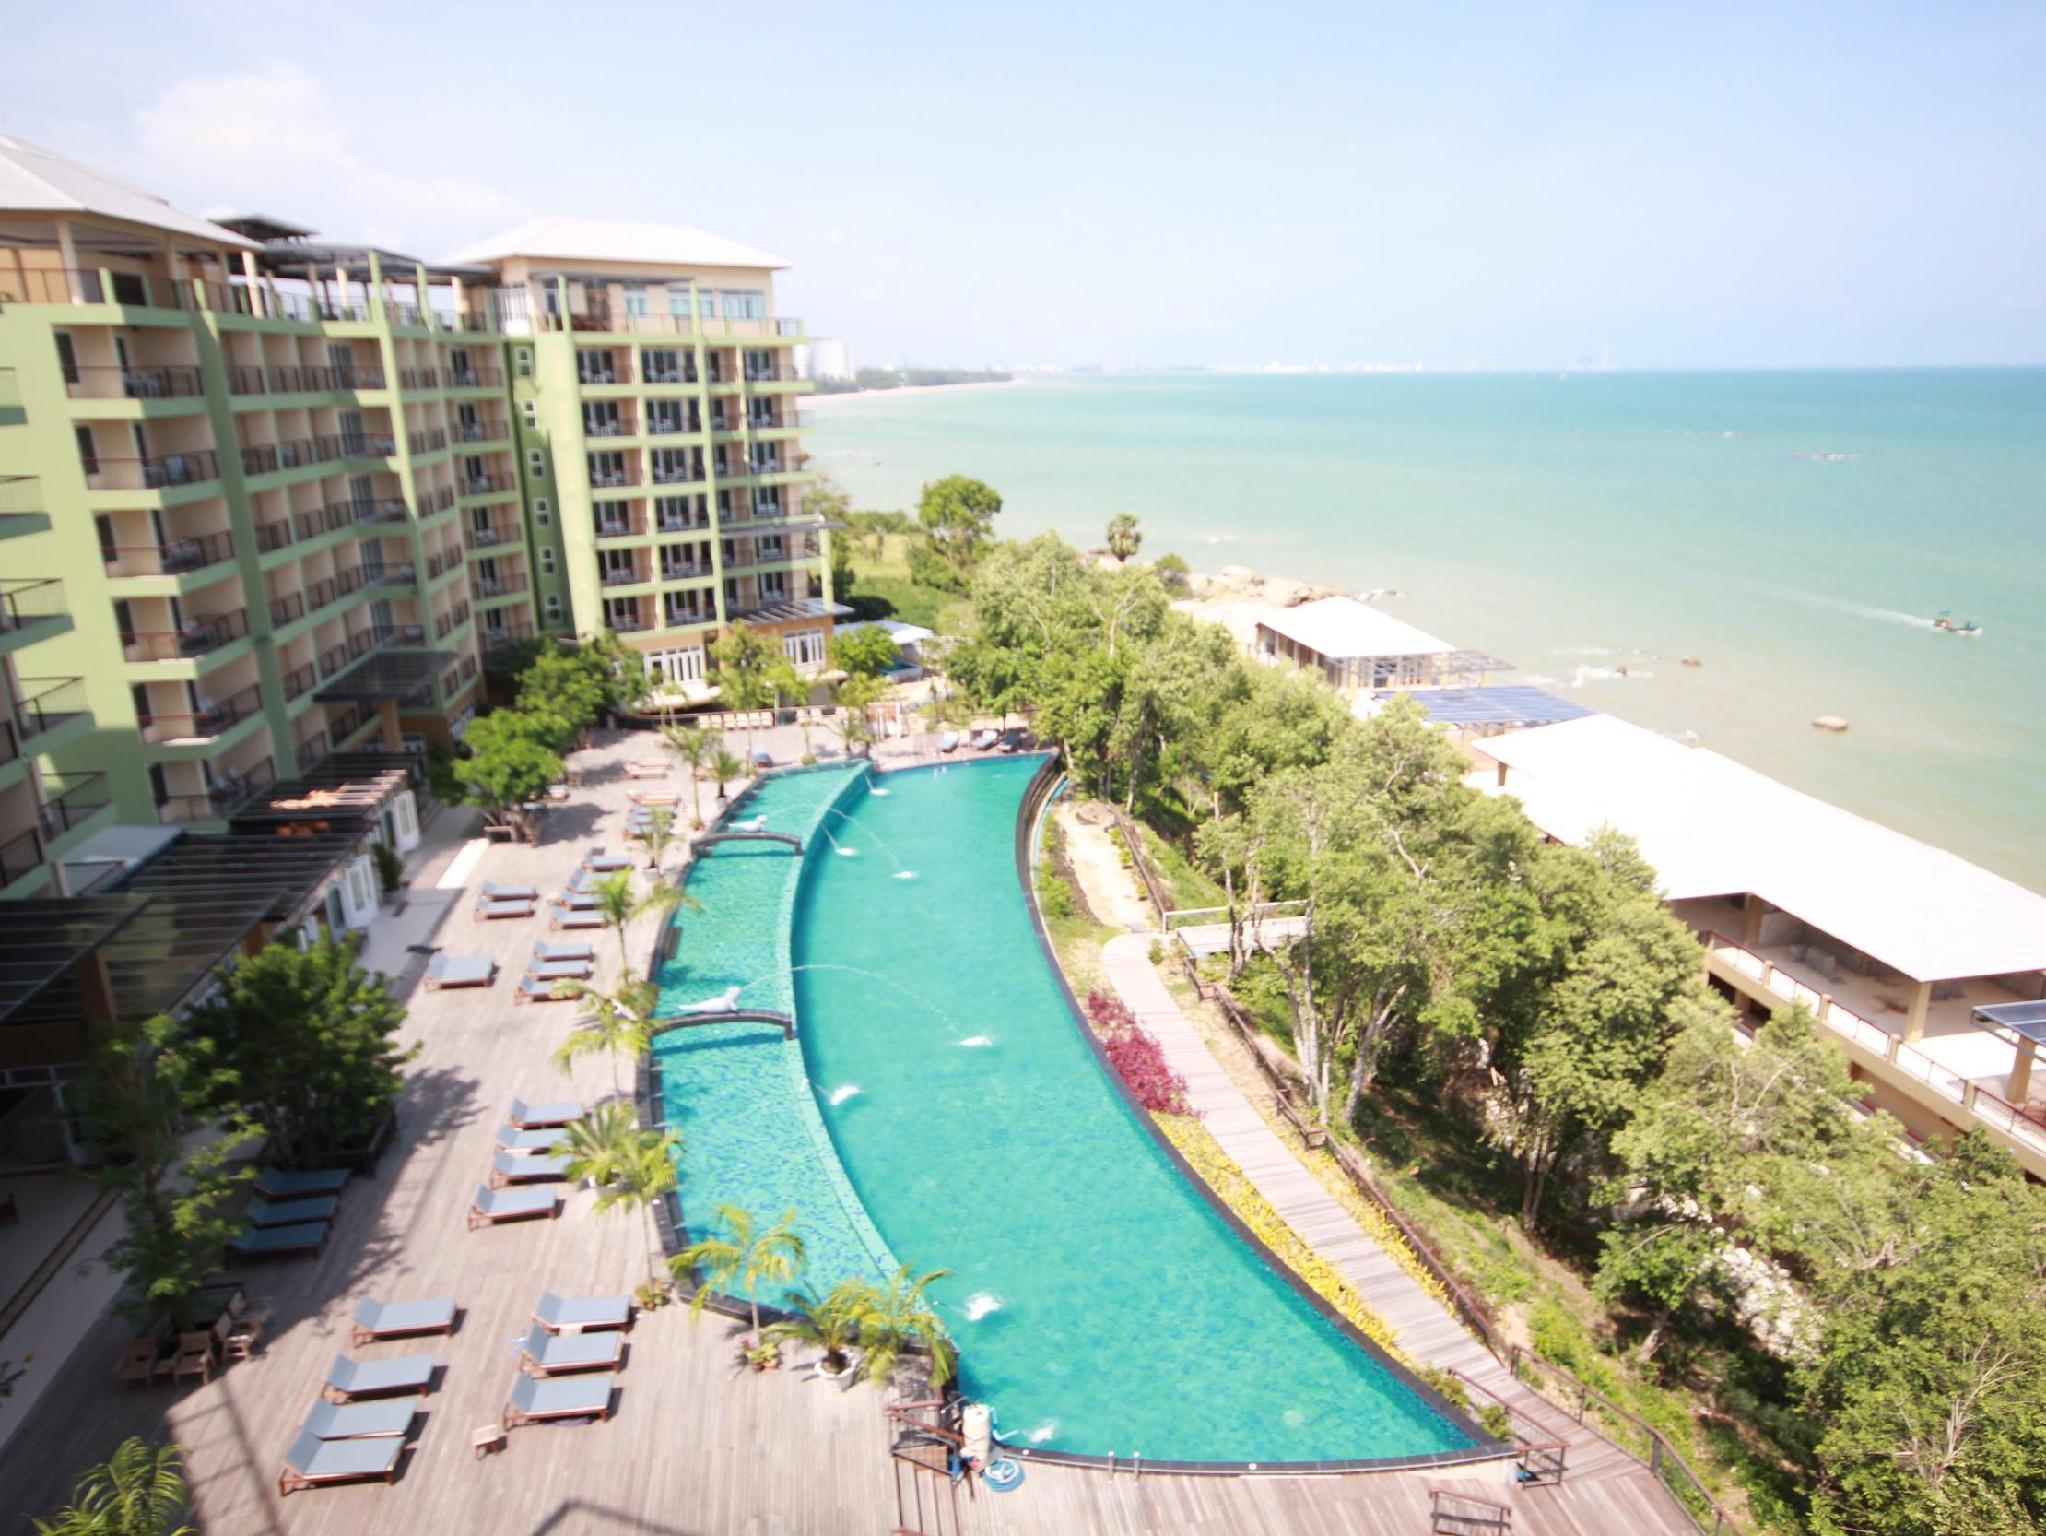 Royal Phala Cliff Beach Resort and Spa รอยัลพลา คลิฟฟ์ บีช รีสอร์ทแอนด์สปา